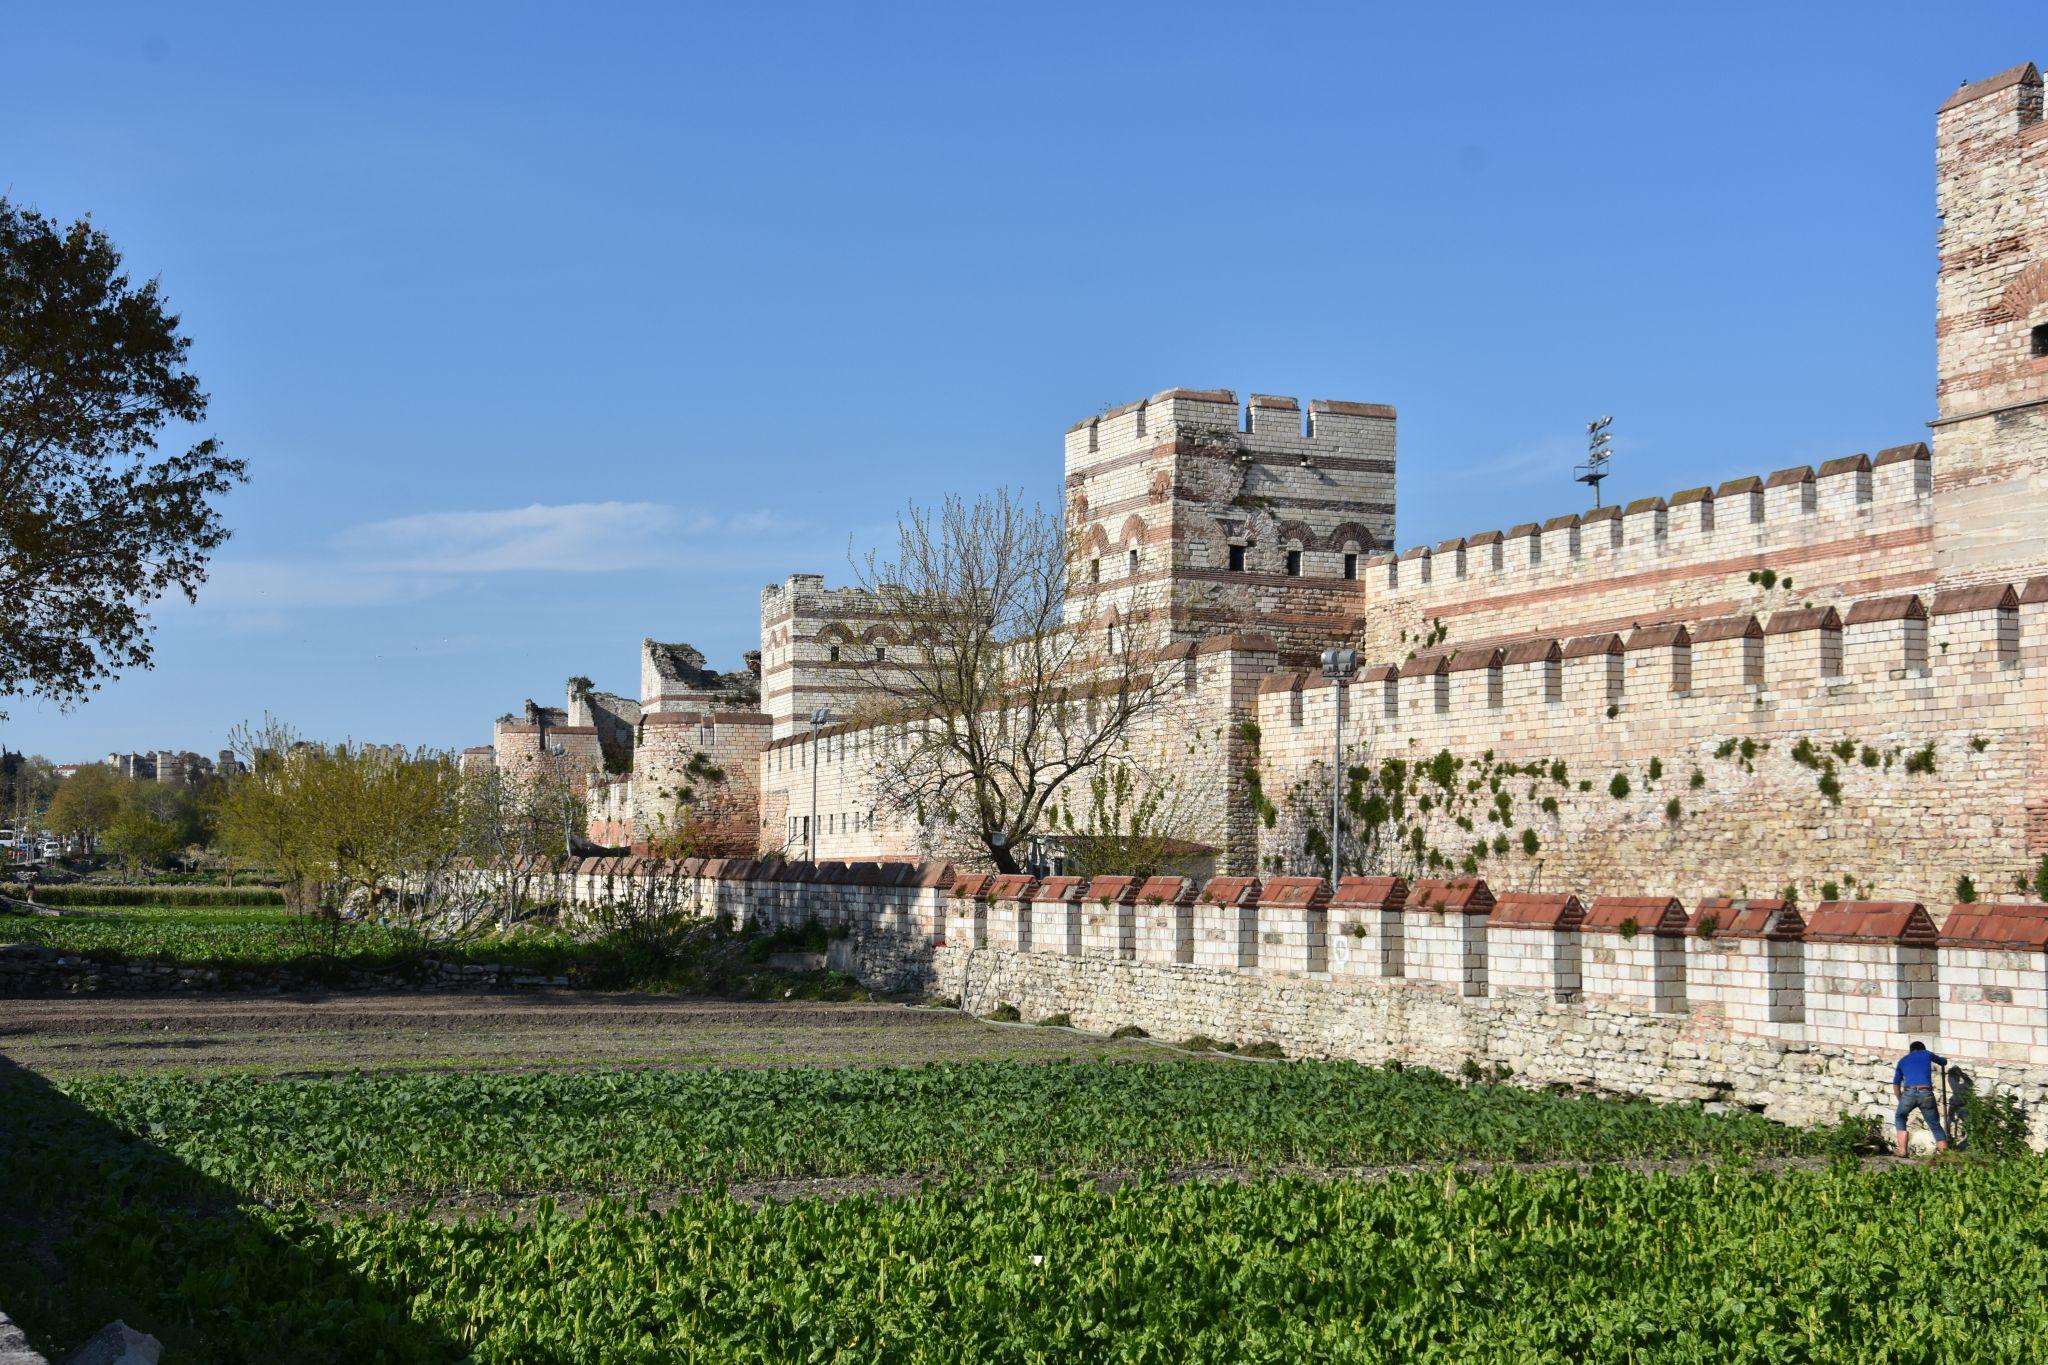 Belgrade Gate (Walls of Constantinople), Turkey